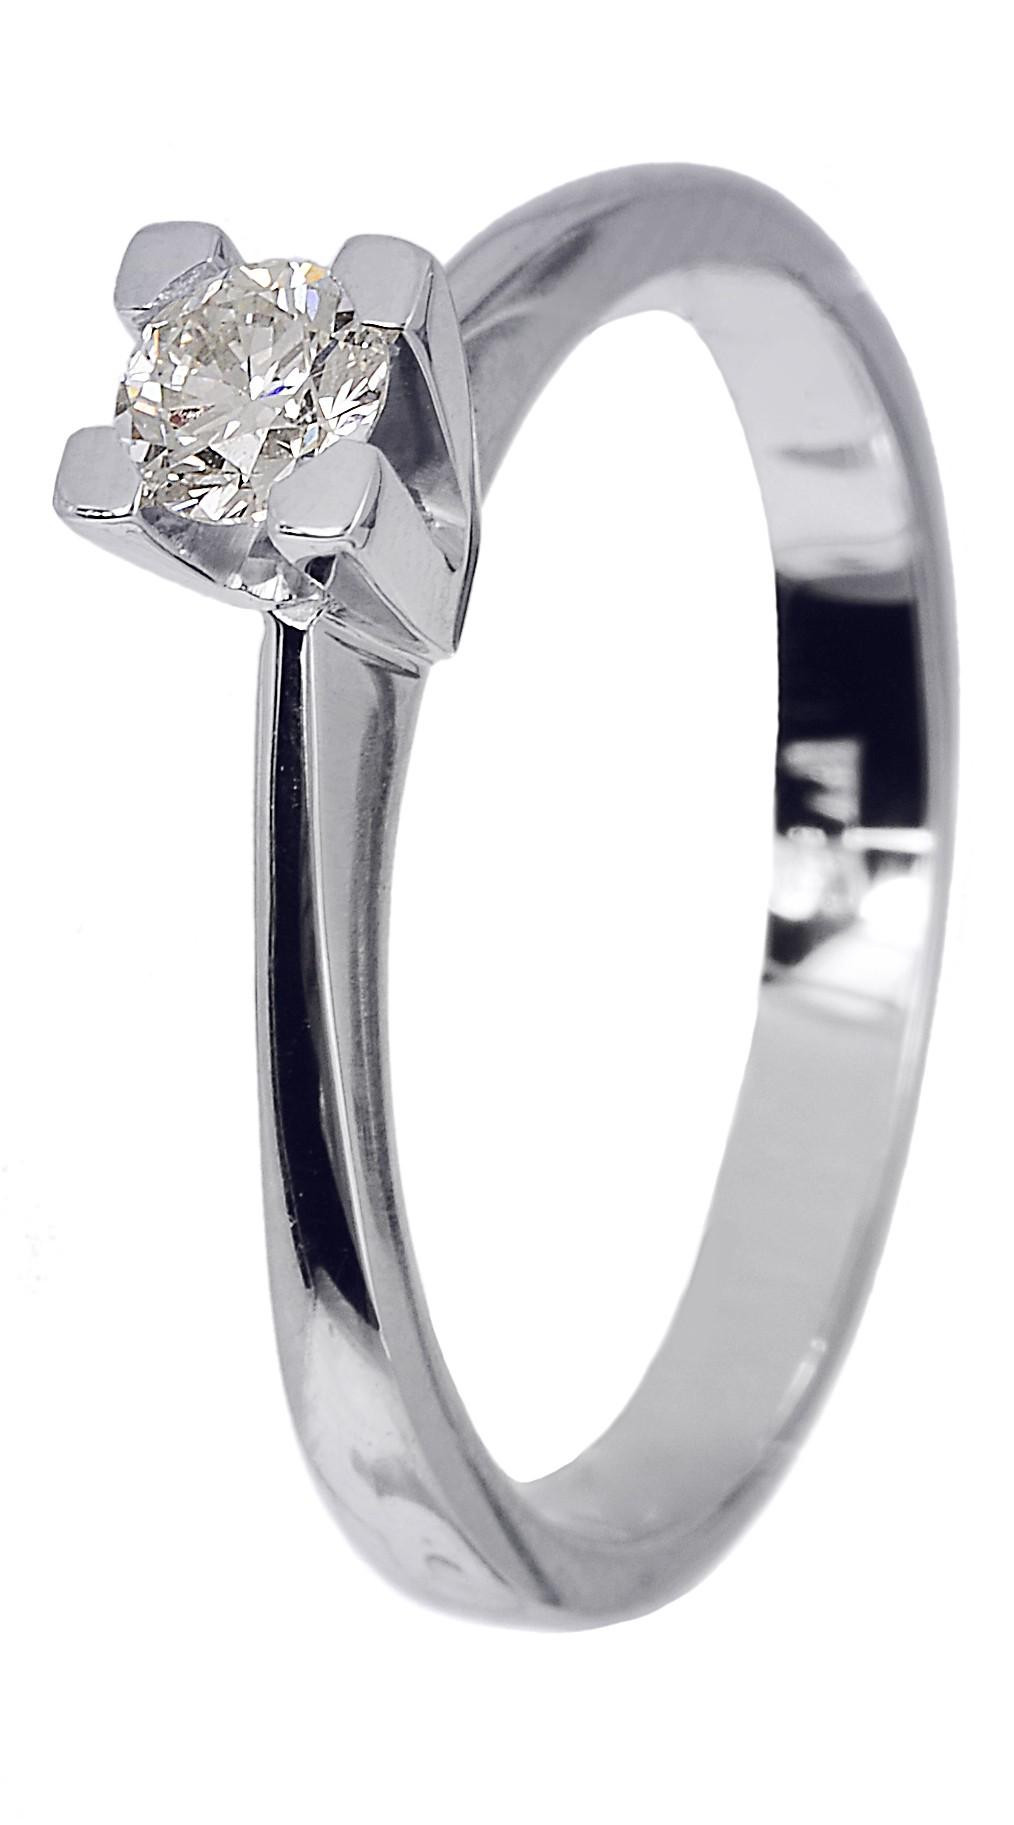 Μονόπετρο δαχτυλίδι αρραβώνα με μπριγιάν D018740 - Dimasis.gr 2822ac796e2